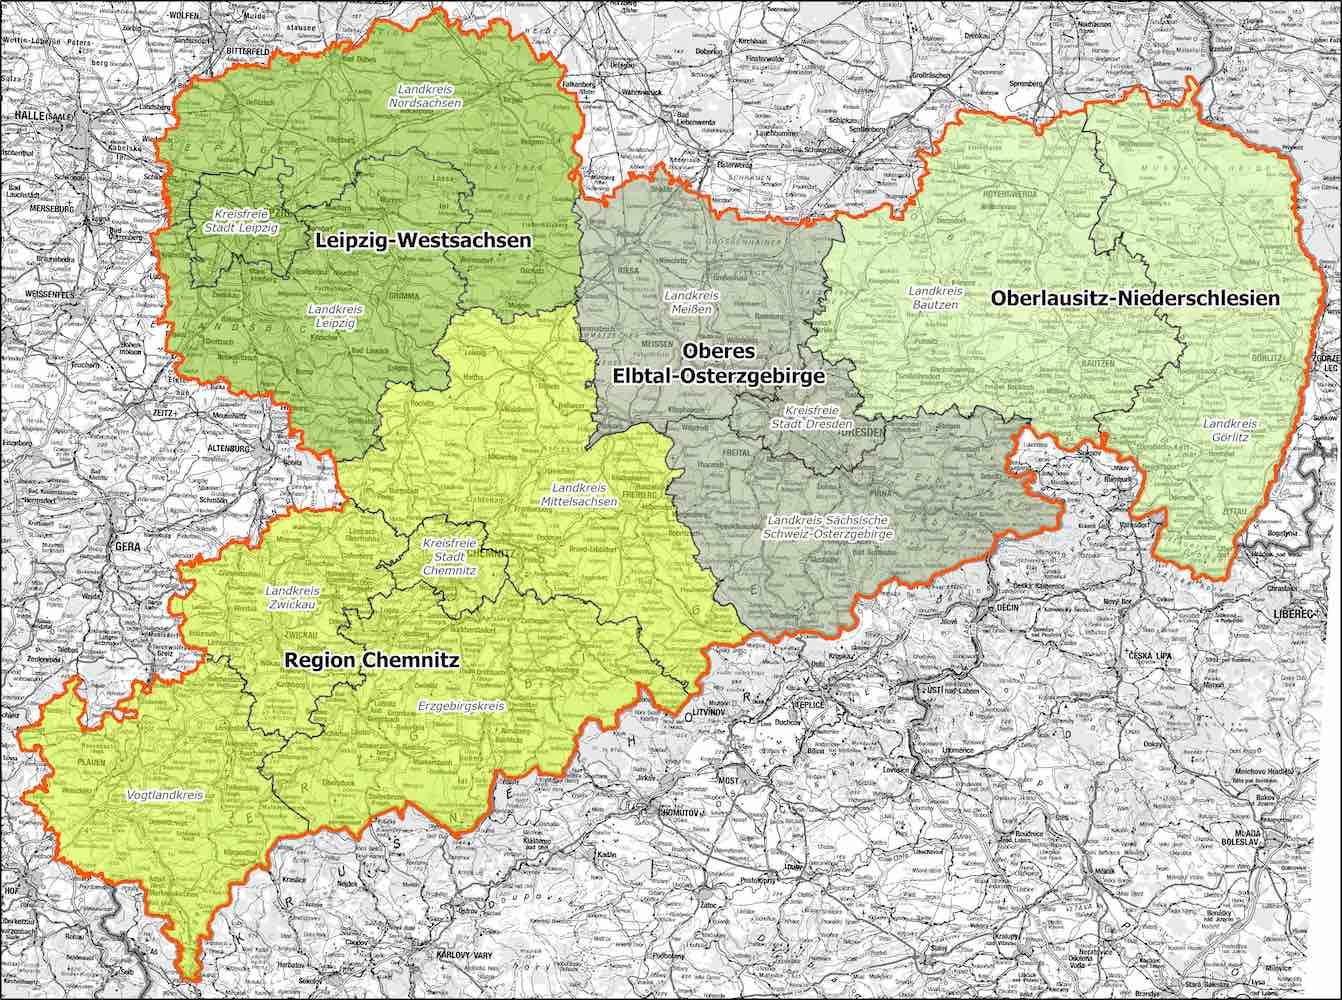 Karte der Planungsregion Sachsen mit den farbig markierten Regionen der vier Planungslverbände